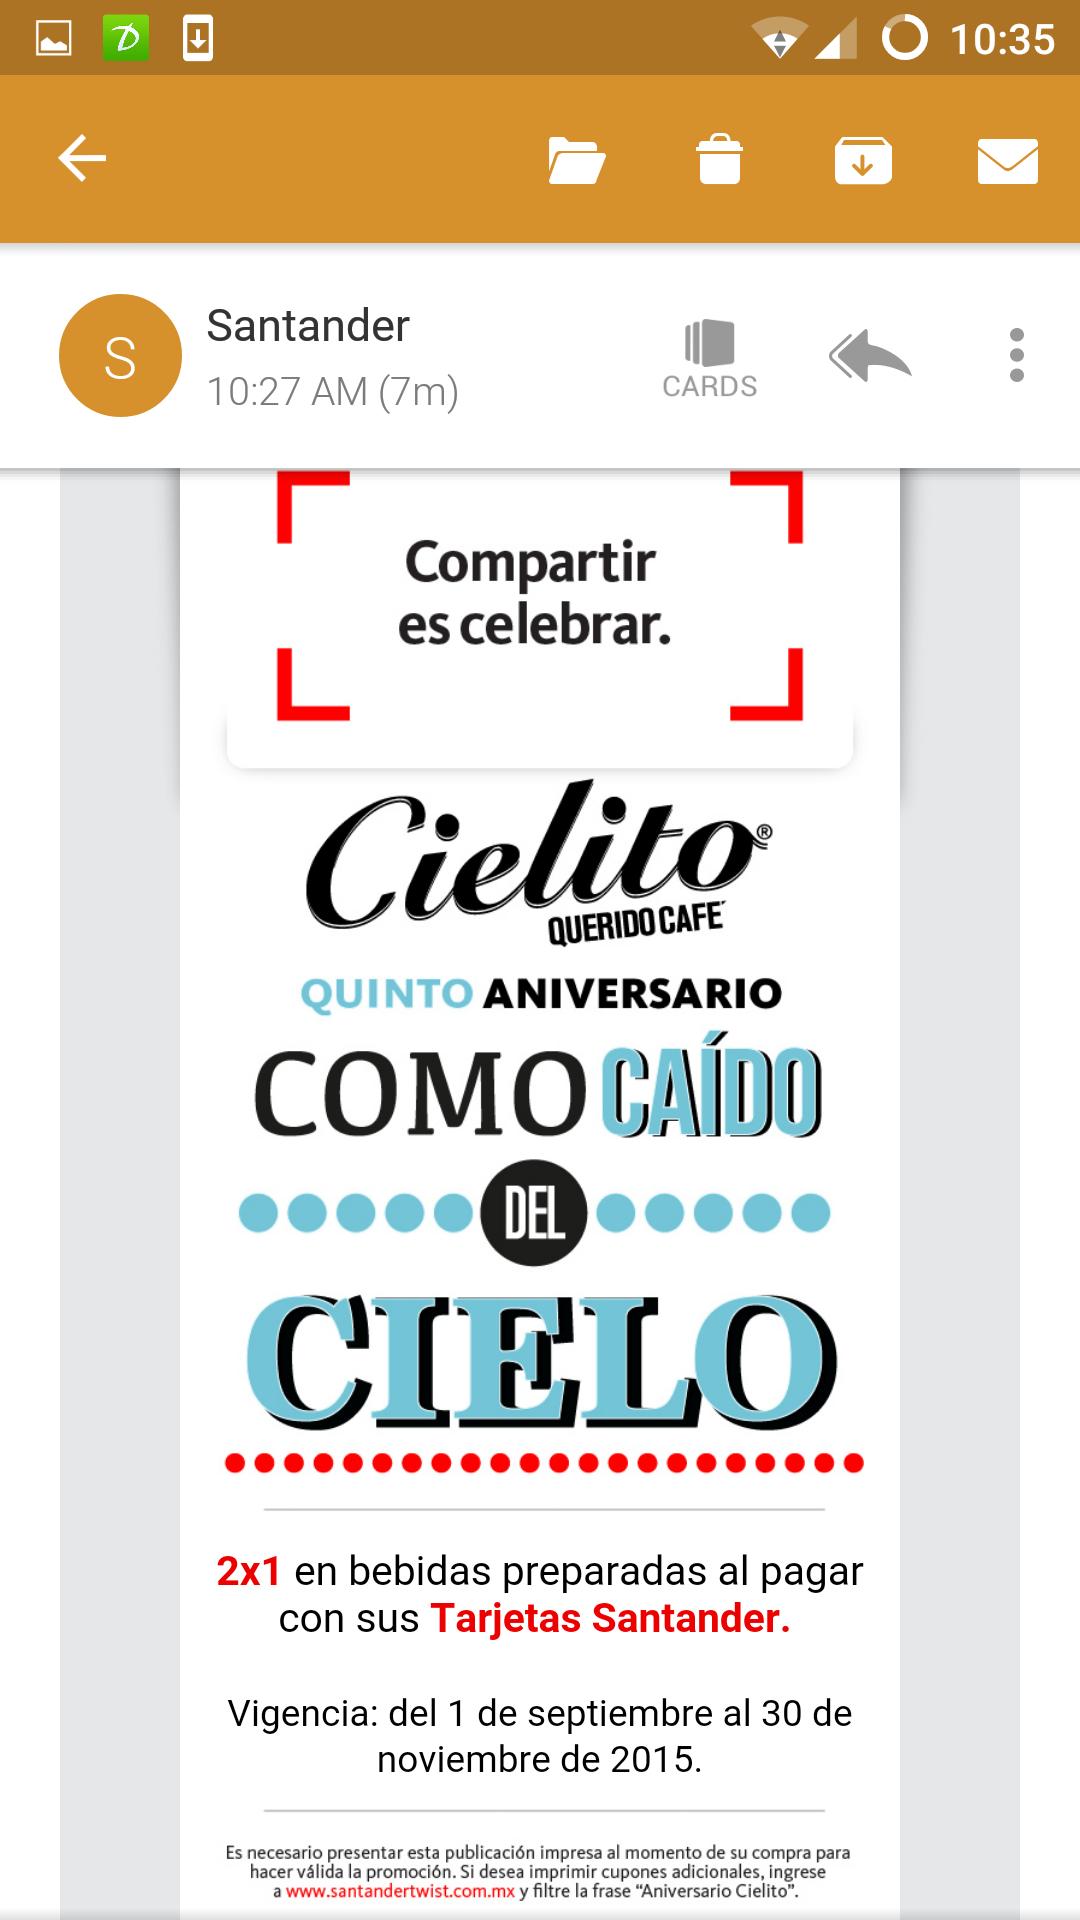 Cielito café: 2 x 1 con Santander